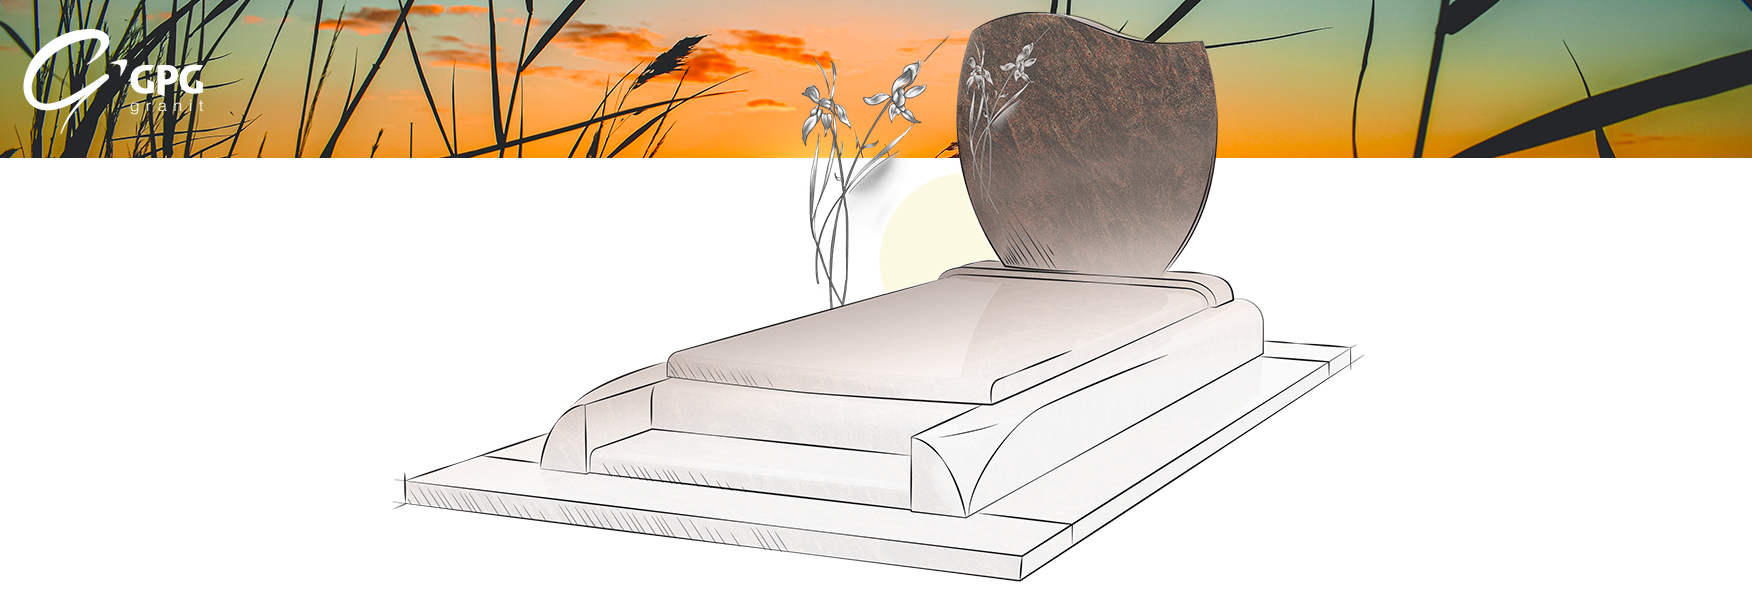 La sépulture GPG 261, moderne et traditionnelle